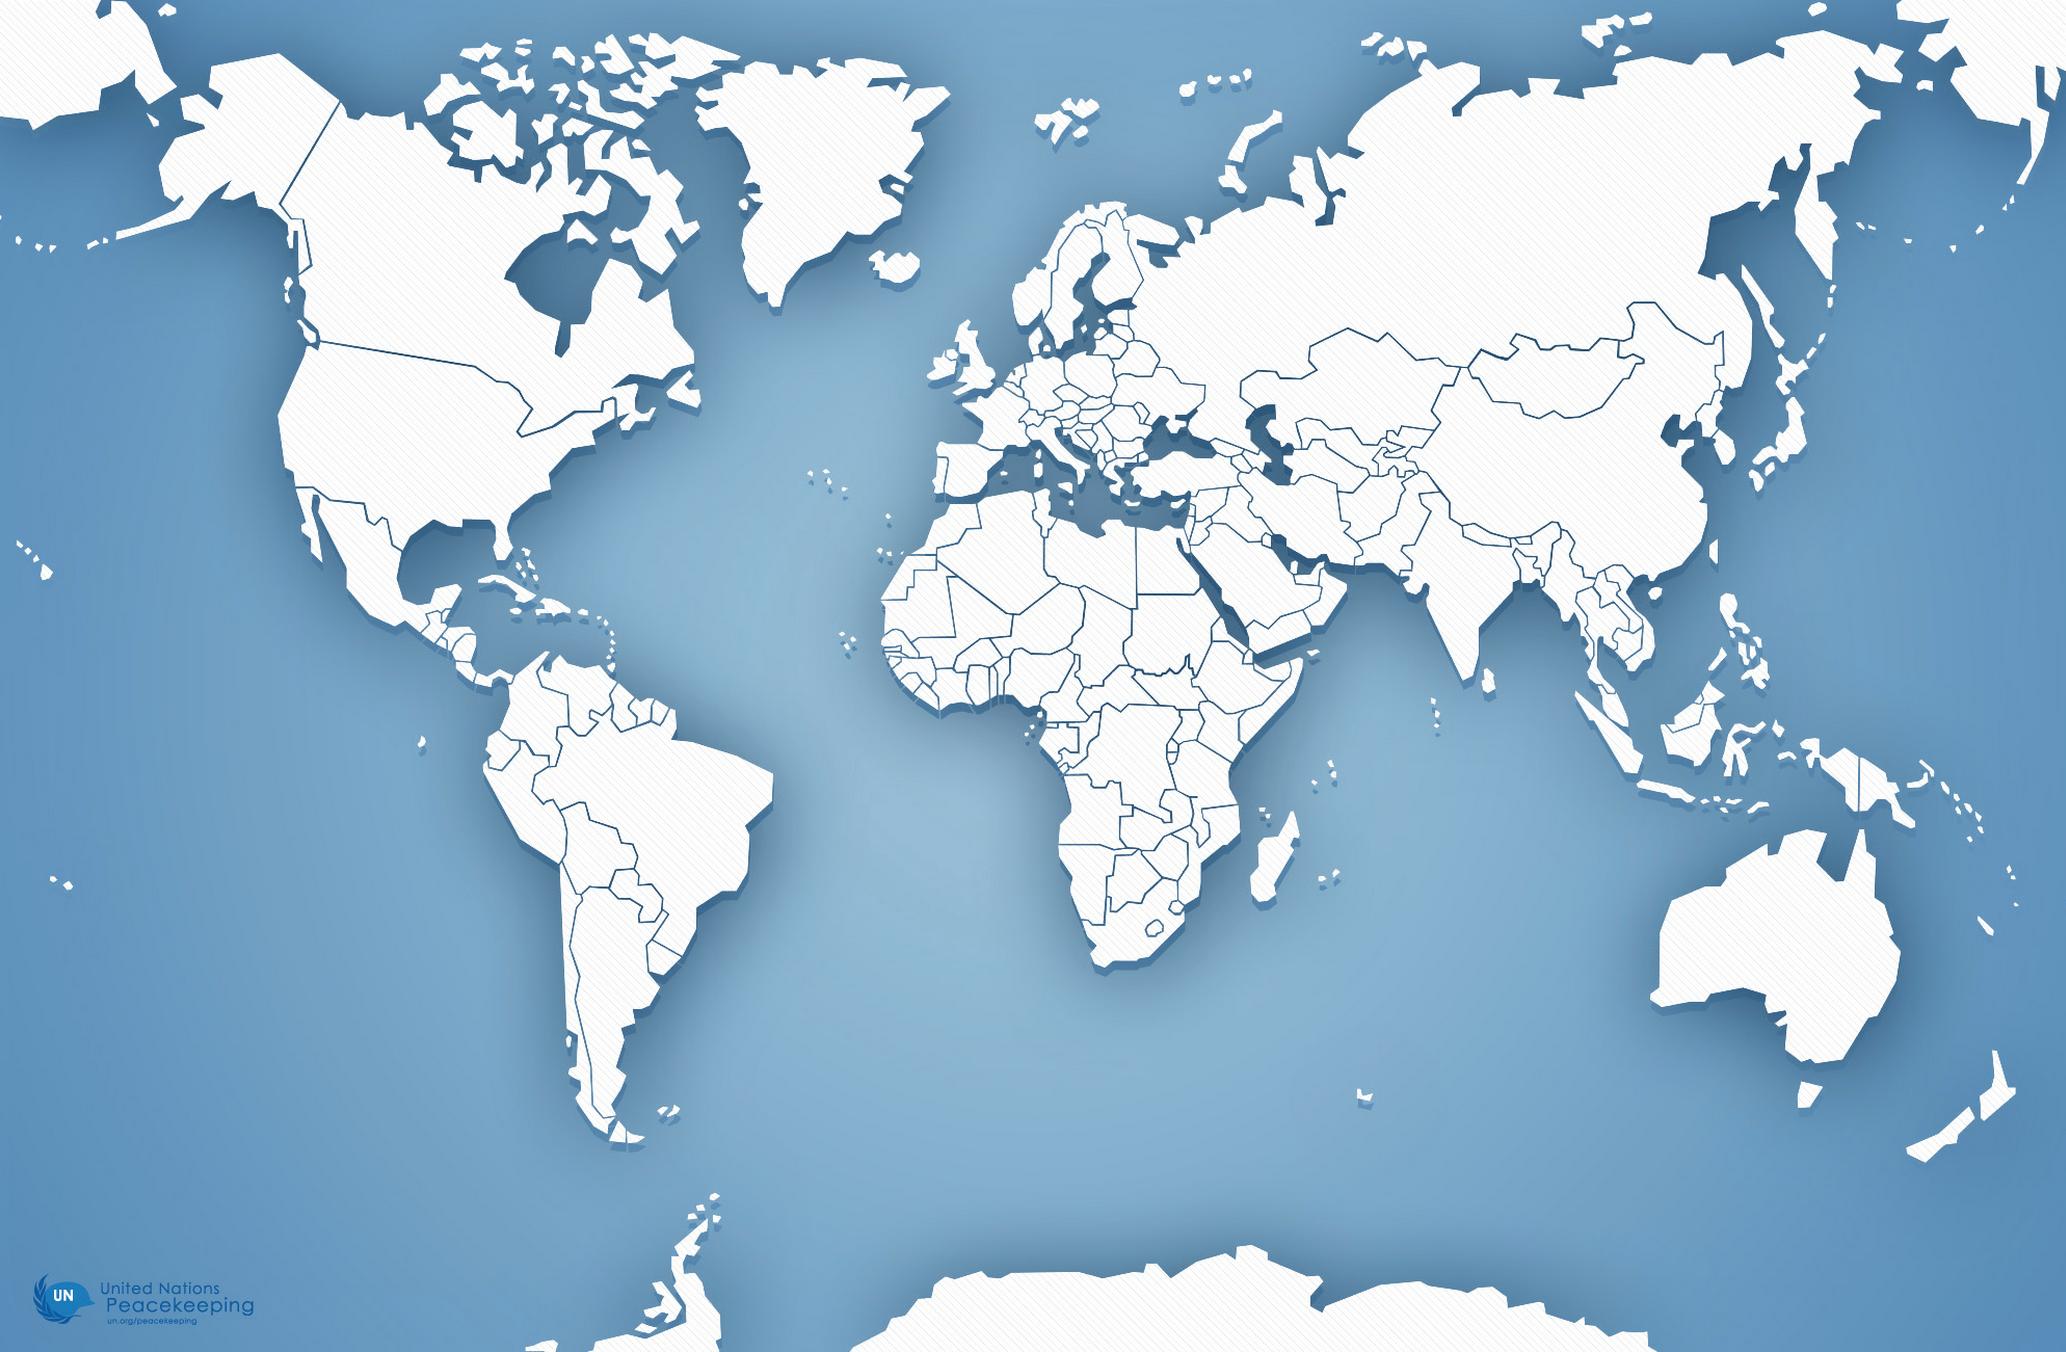 UN Map